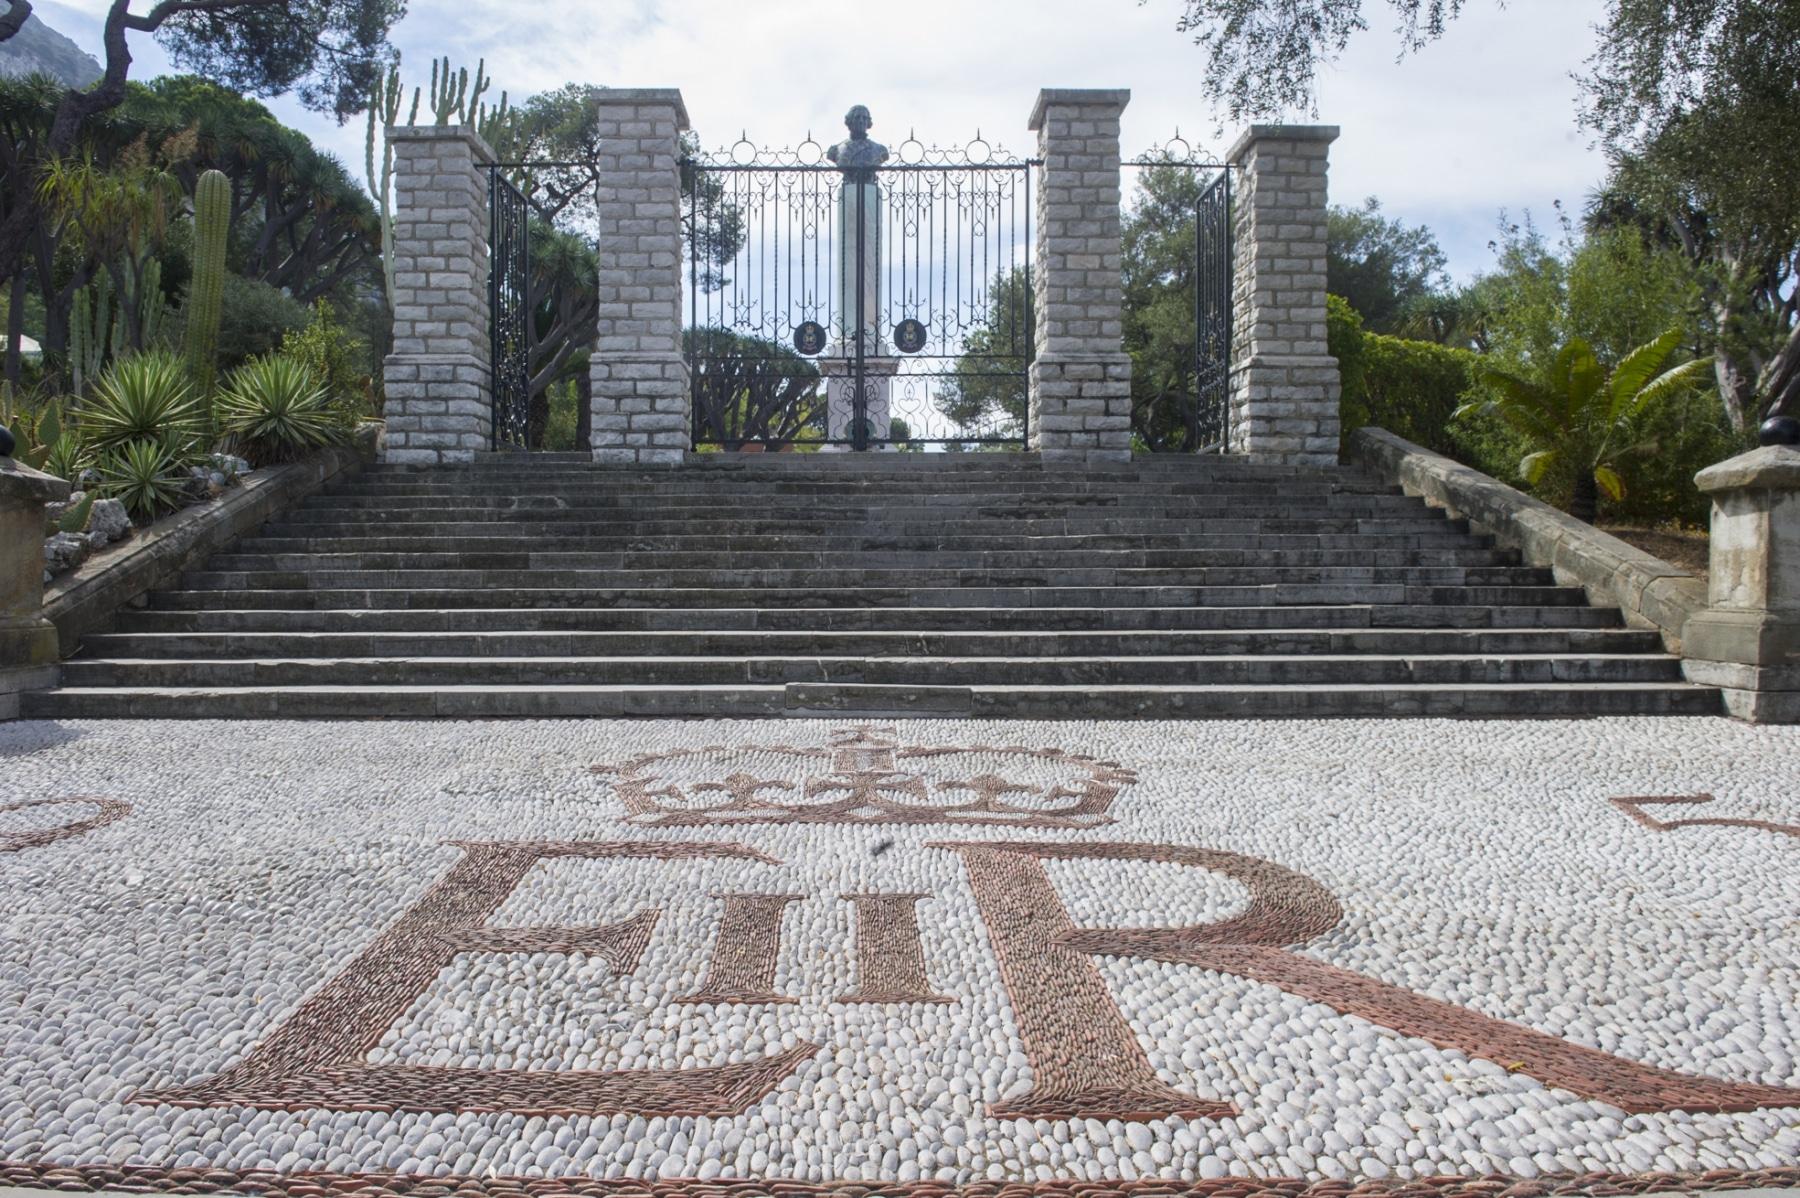 turismo-en-gibraltar-092015-569_22718343566_o